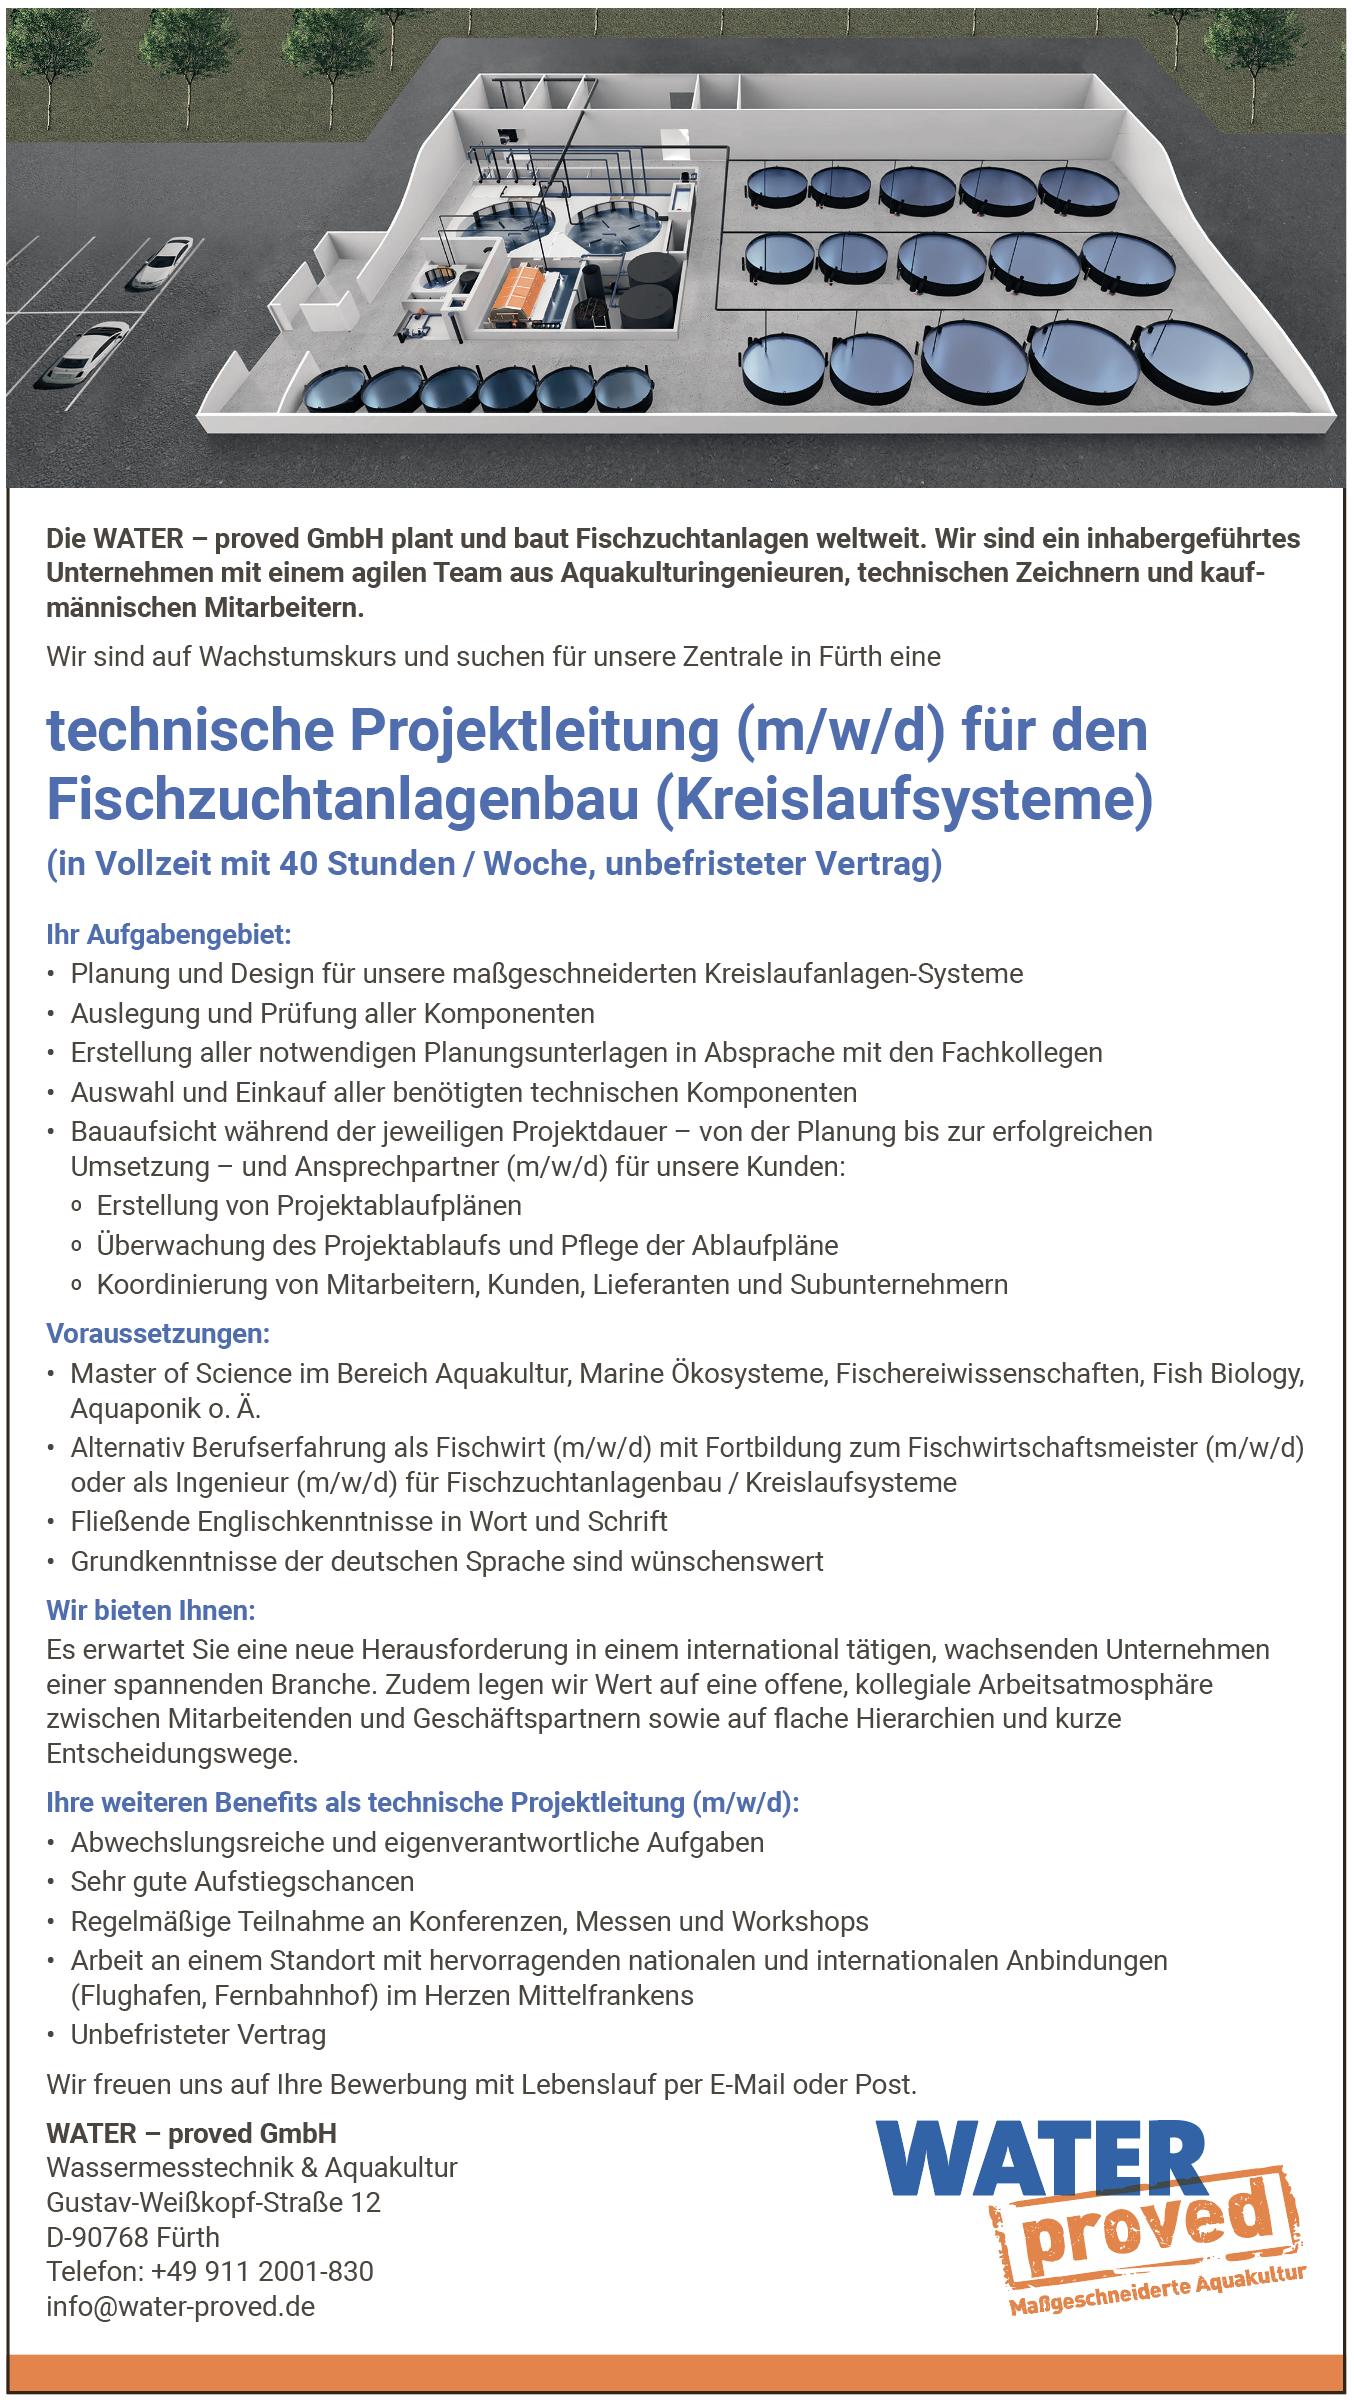 Technische Projektleitung (m/w/d) für den Fischzuchtanlagenbau